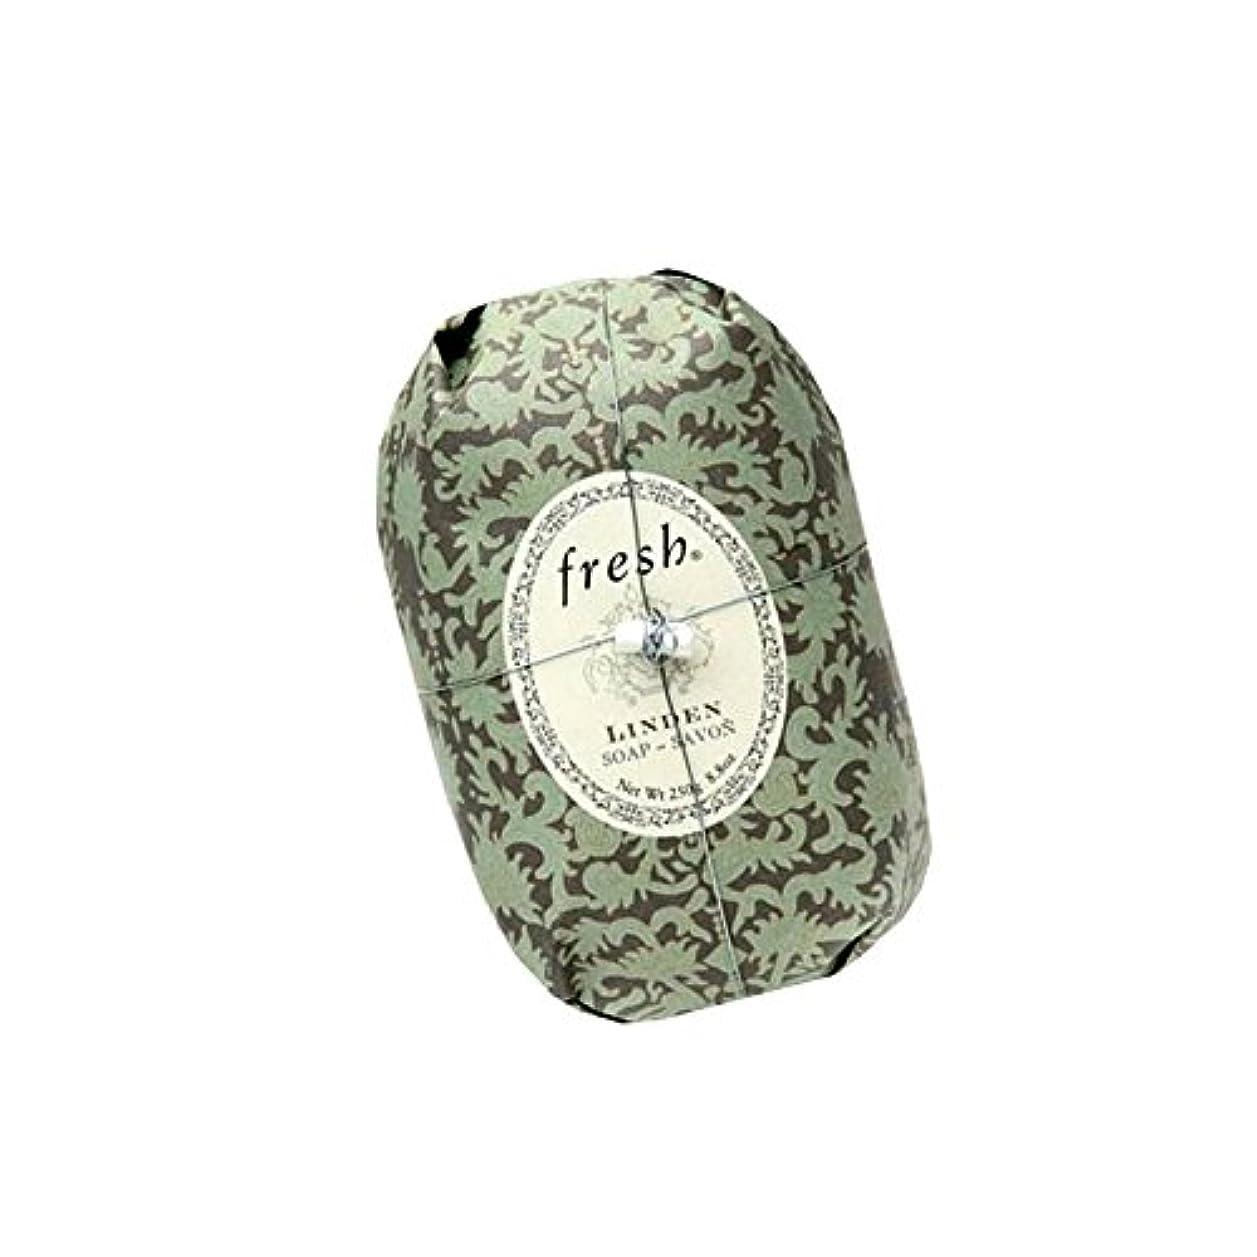 迷惑気を散らす伝染病Fresh フレッシュ Linden Soap 石鹸, 250g/8.8oz. [海外直送品] [並行輸入品]